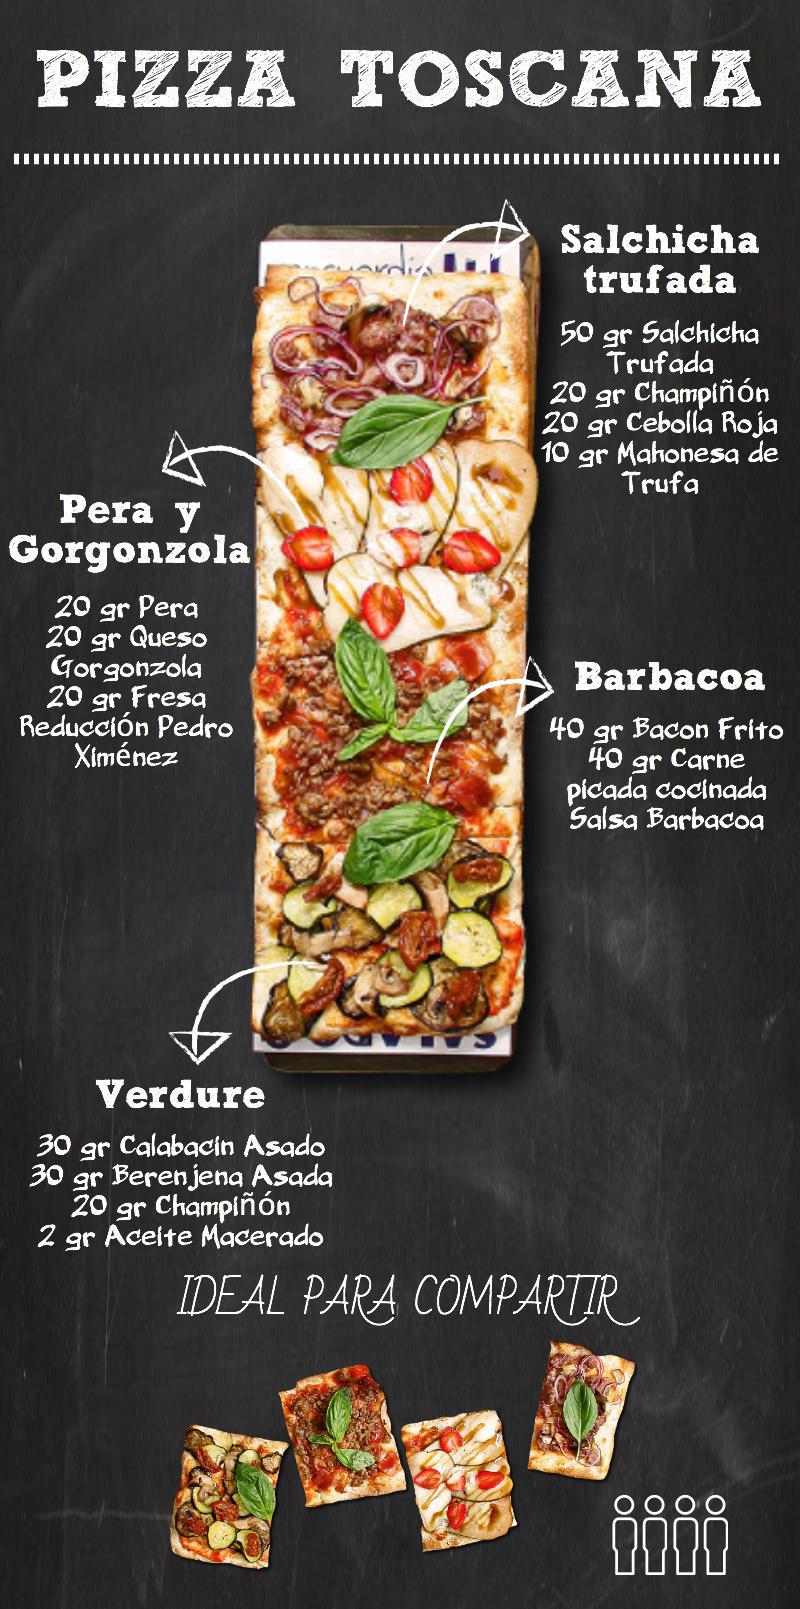 toscana 4 - Pizza Toscana de La Mafia se sienta a la mesa